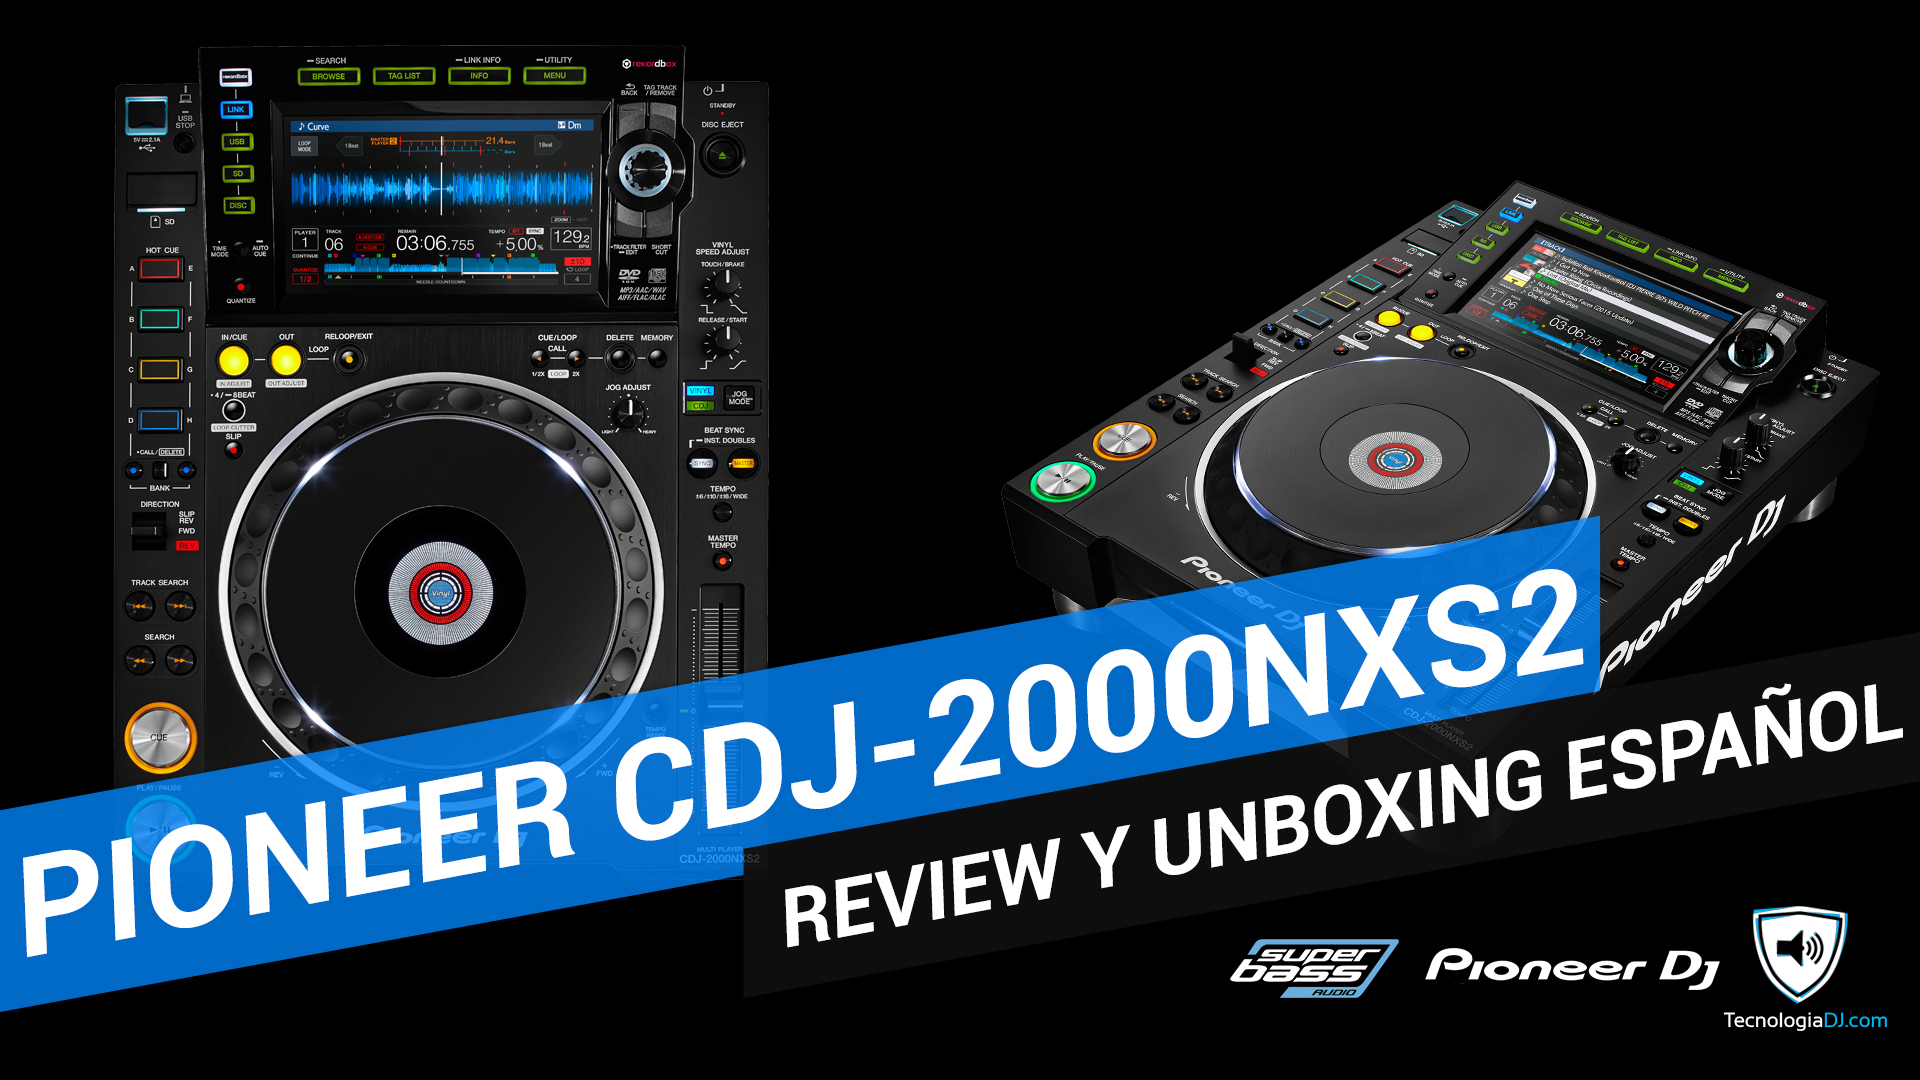 Review y unboxing en español Pioneer CDJ-2000NXS2